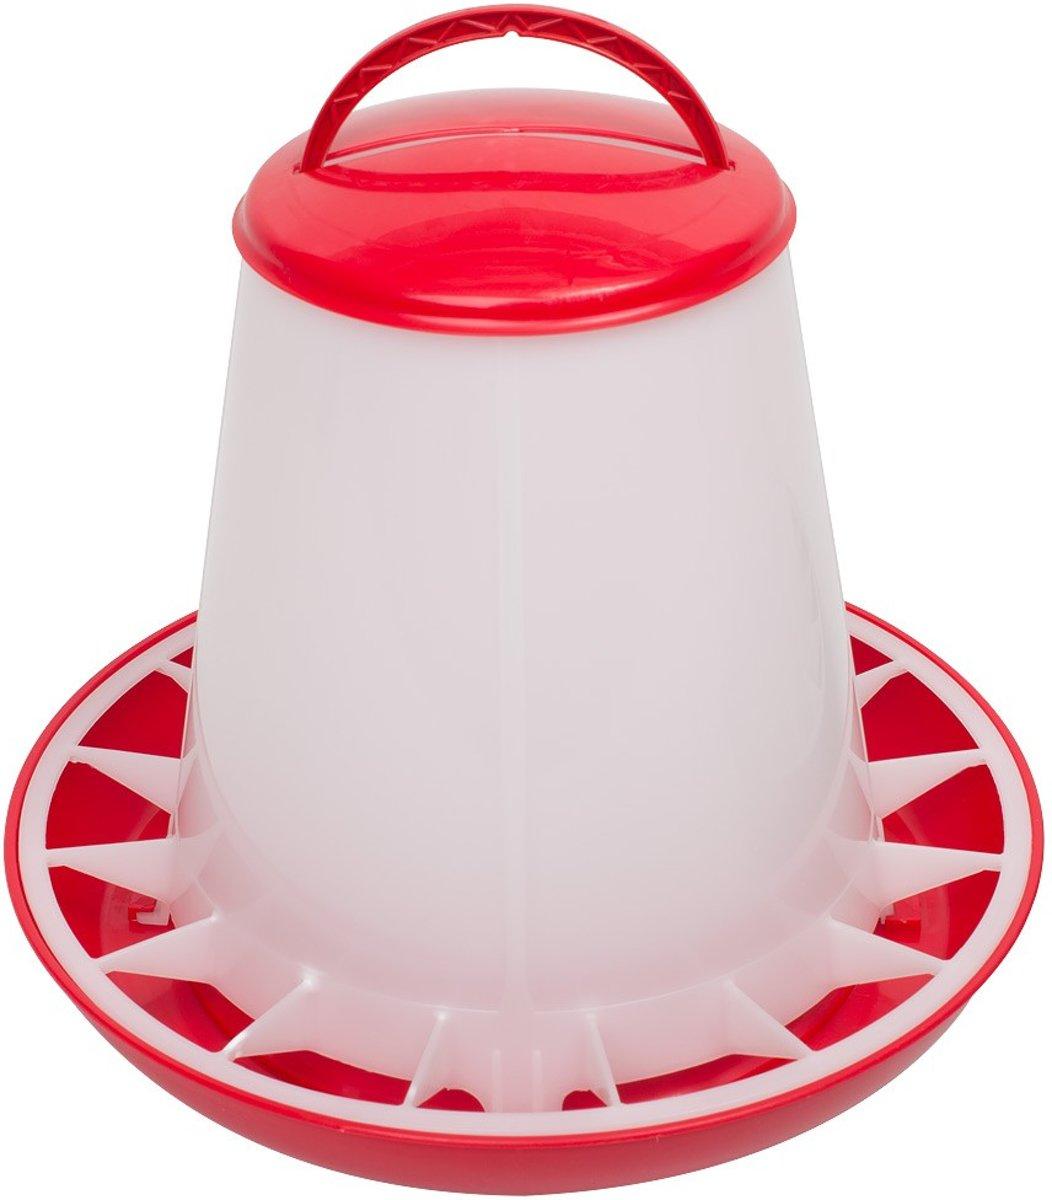 Kunststof voersilo 3kg met deksel rood kopen